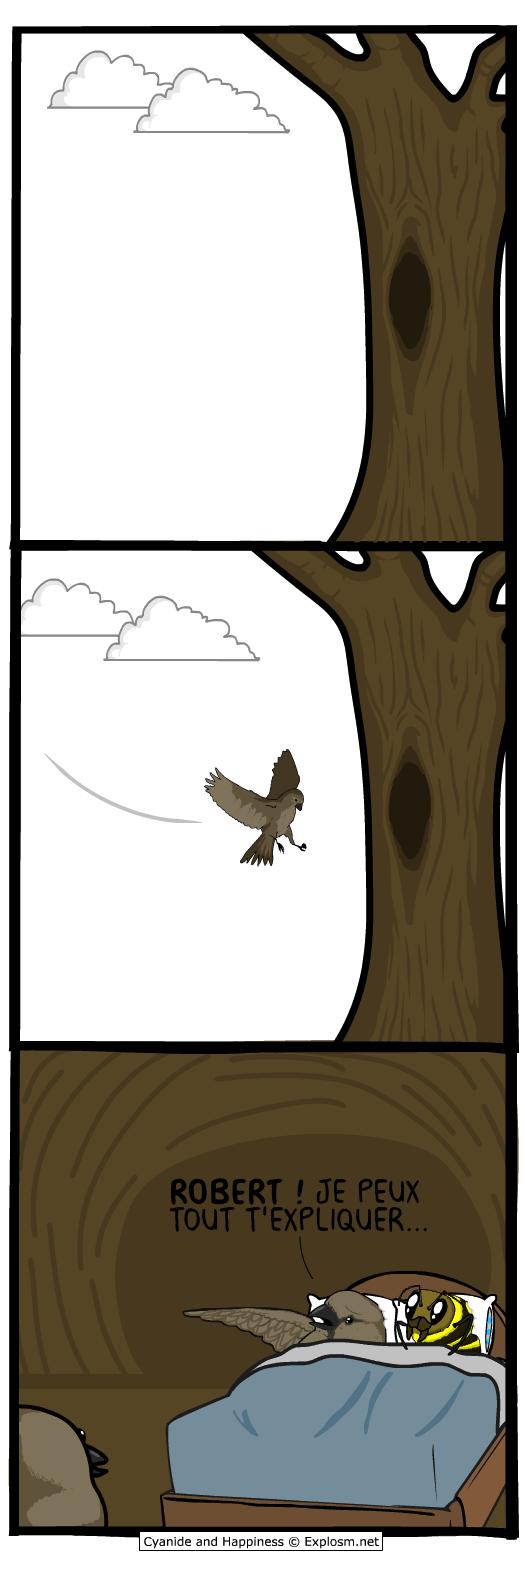 oiseau tromper cyanide